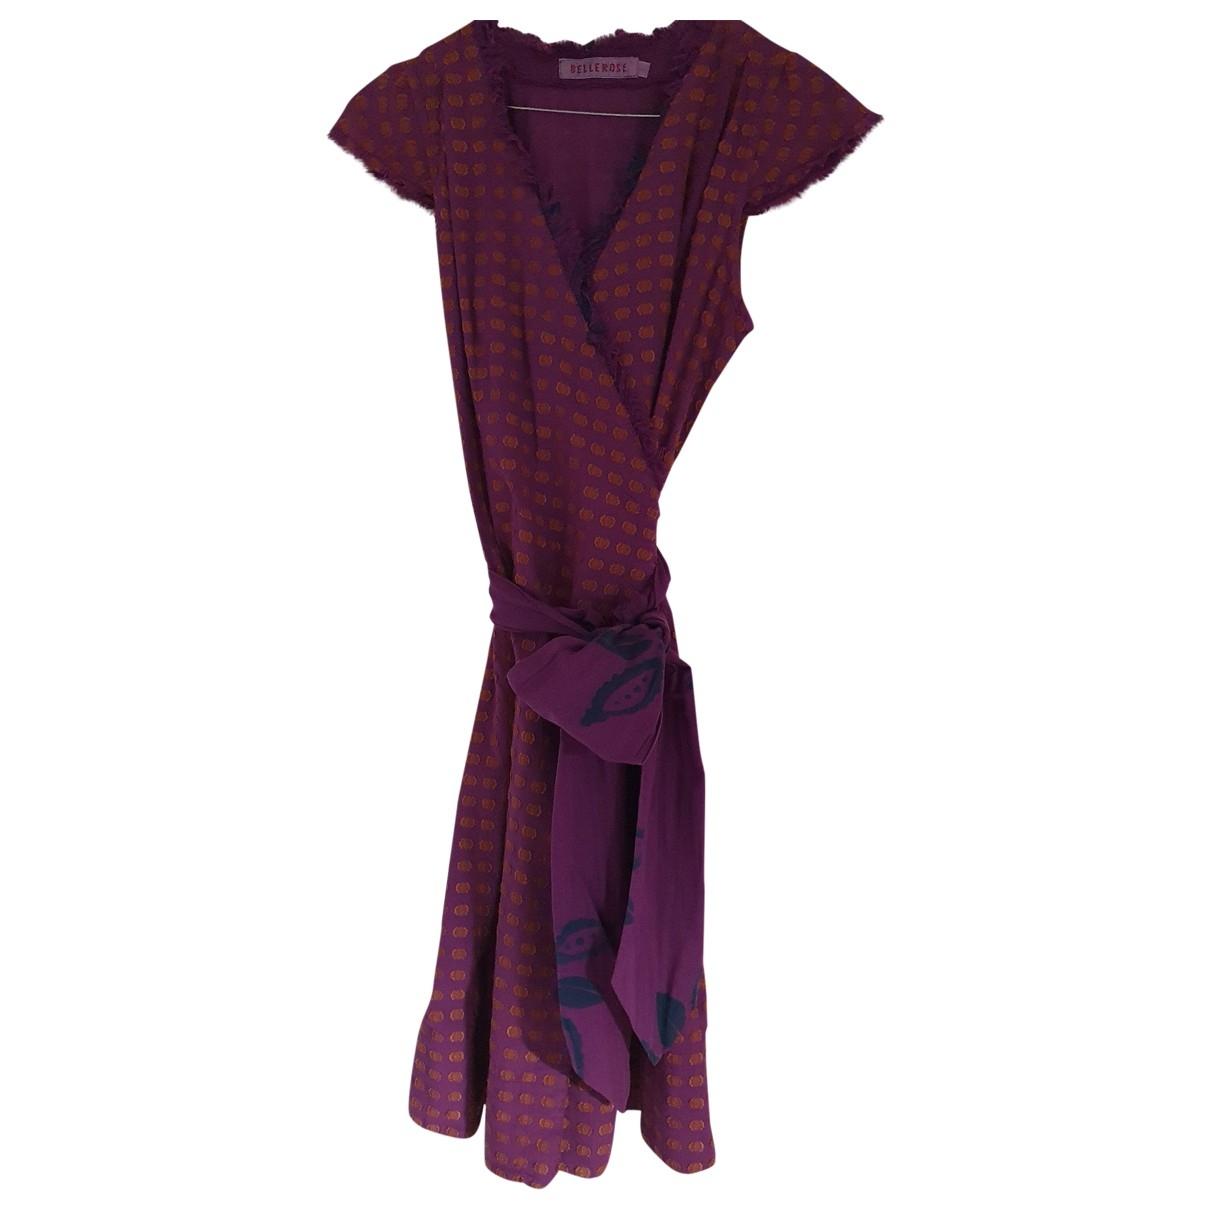 Bellerose \N Kleid in  Lila Baumwolle